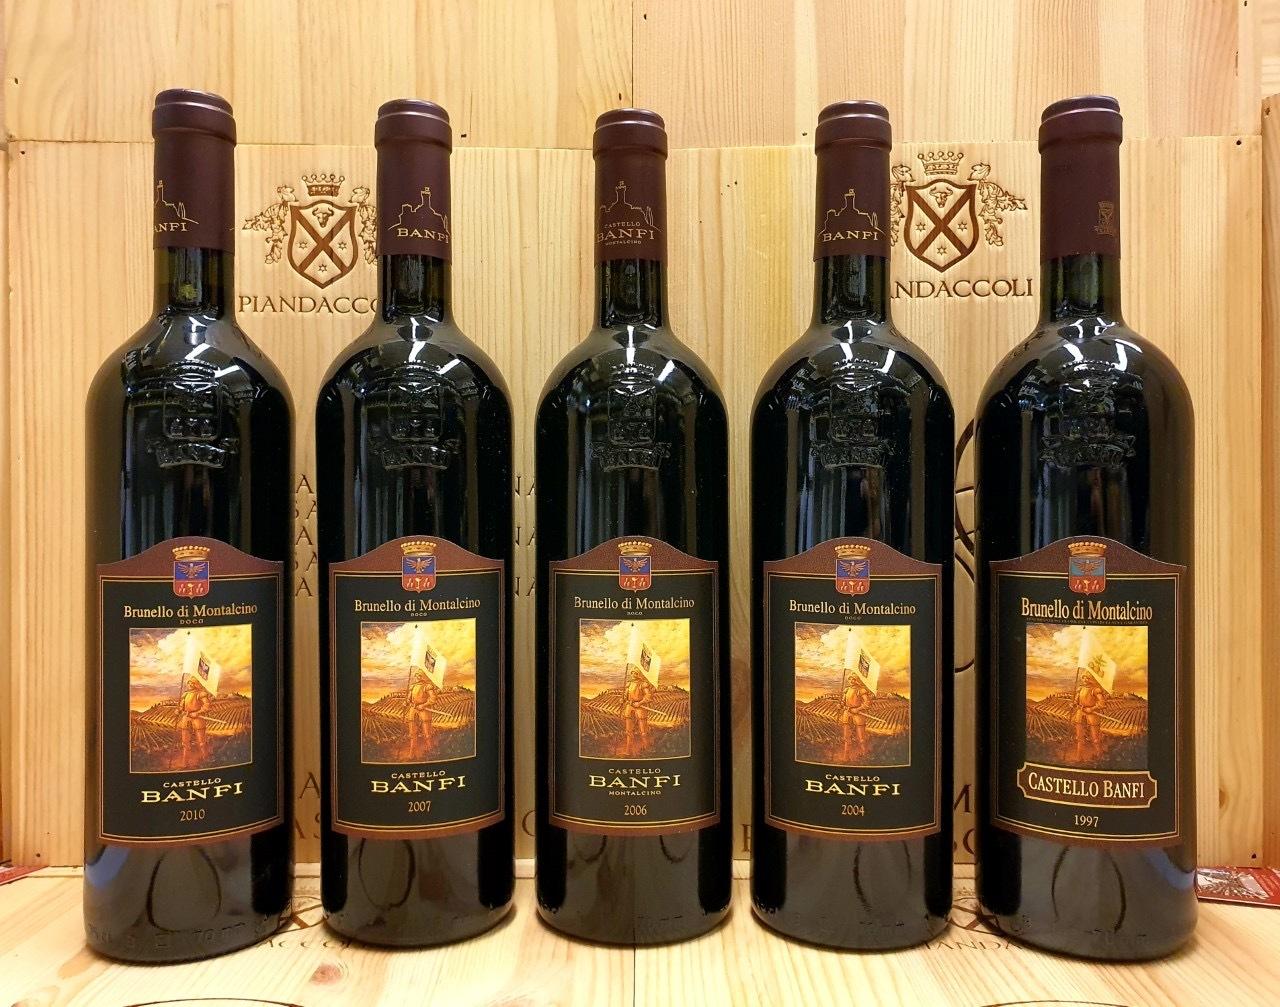 ワイン便の発送:ヴィンテージワイン、ブルネッロ、スーパータスカン、アマローネ_a0136671_18022361.jpeg